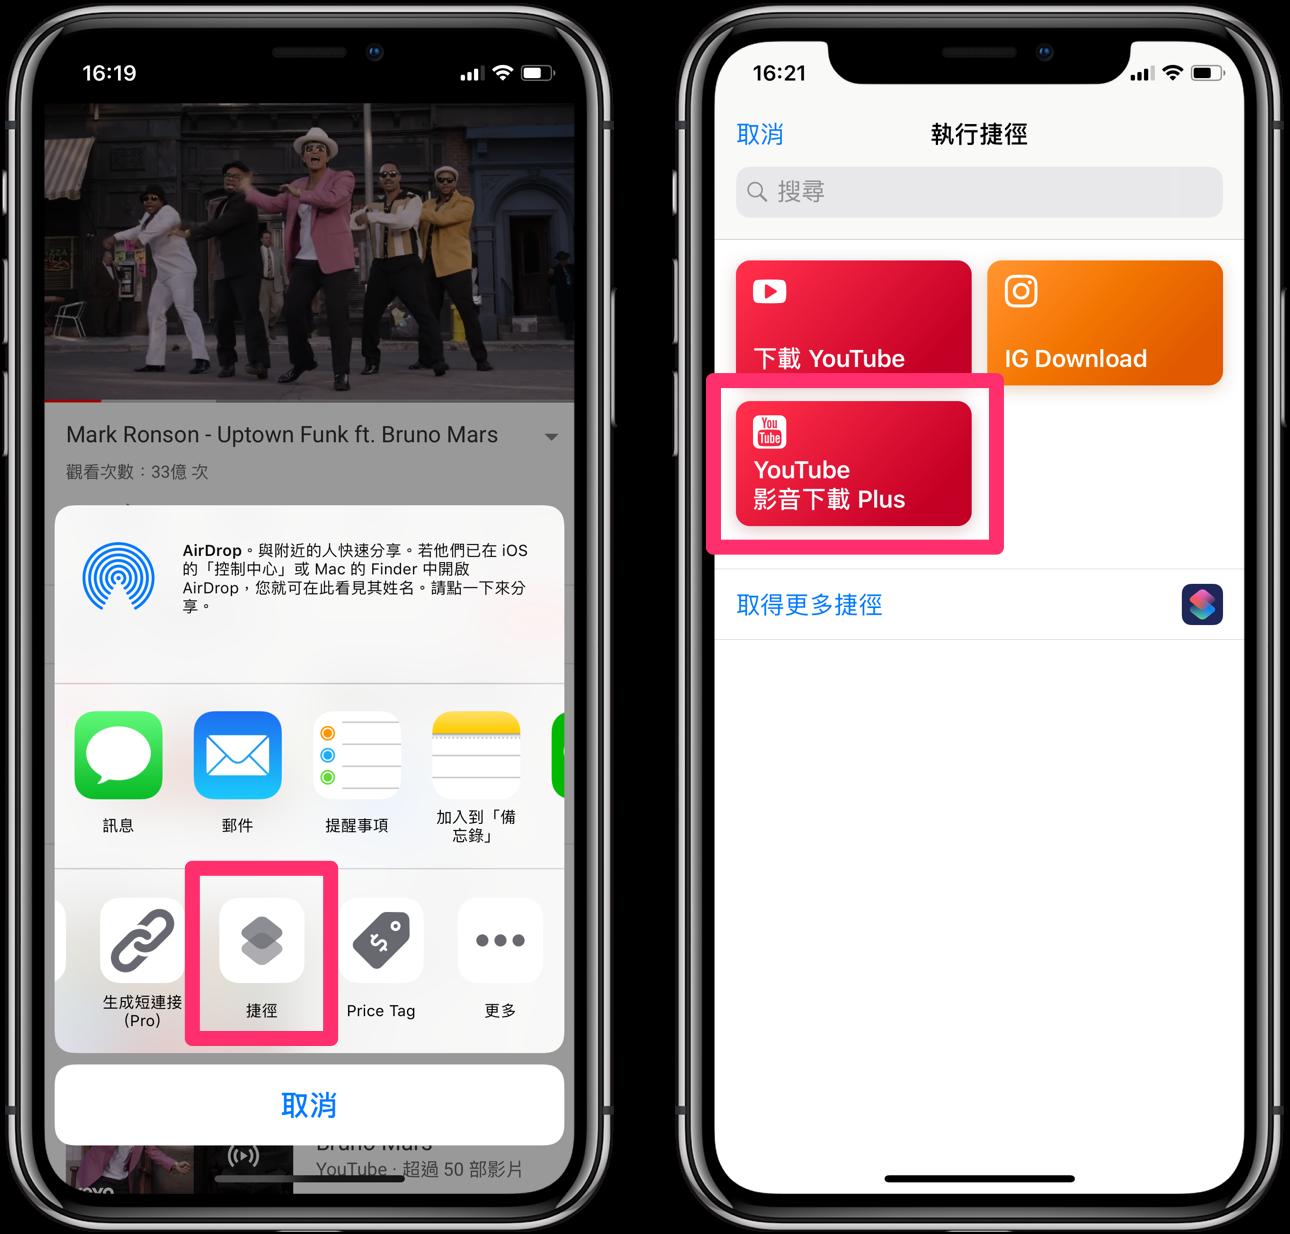 用《捷徑》簡單讓iPhone 下載YouTube 影音– APPLEFANS 蘋果迷